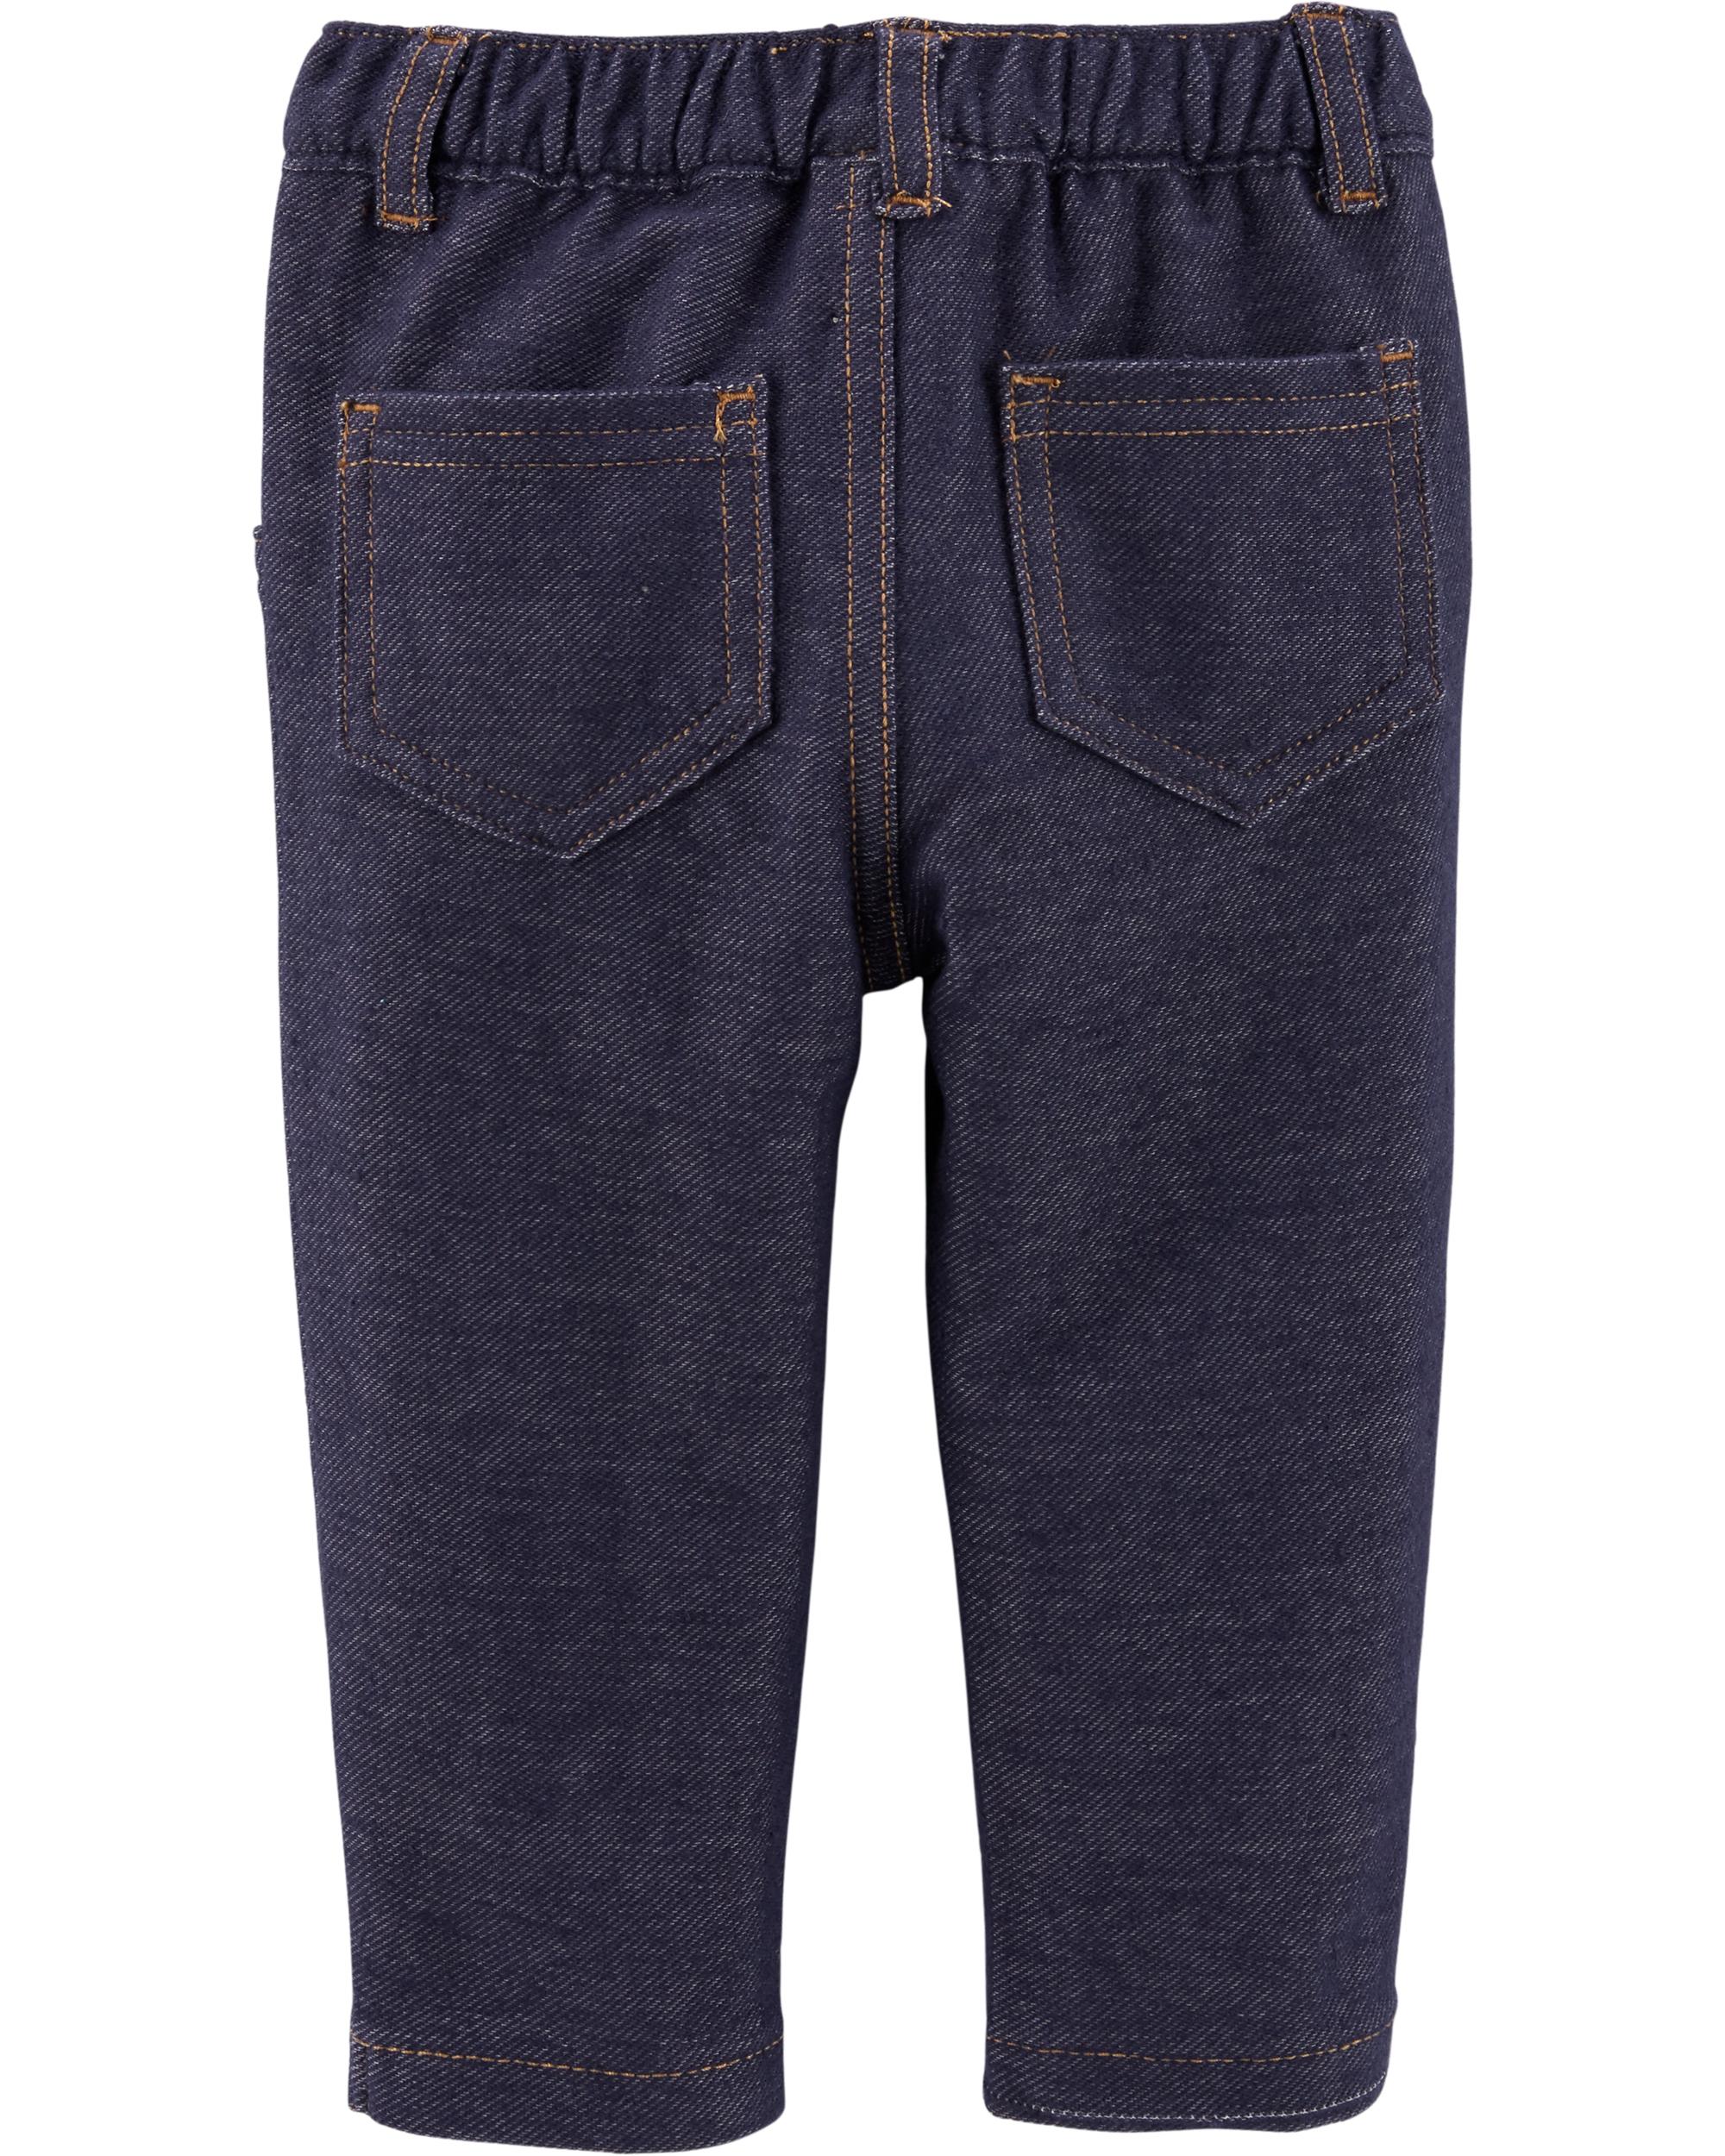 מכנס דמוי ג'ינס